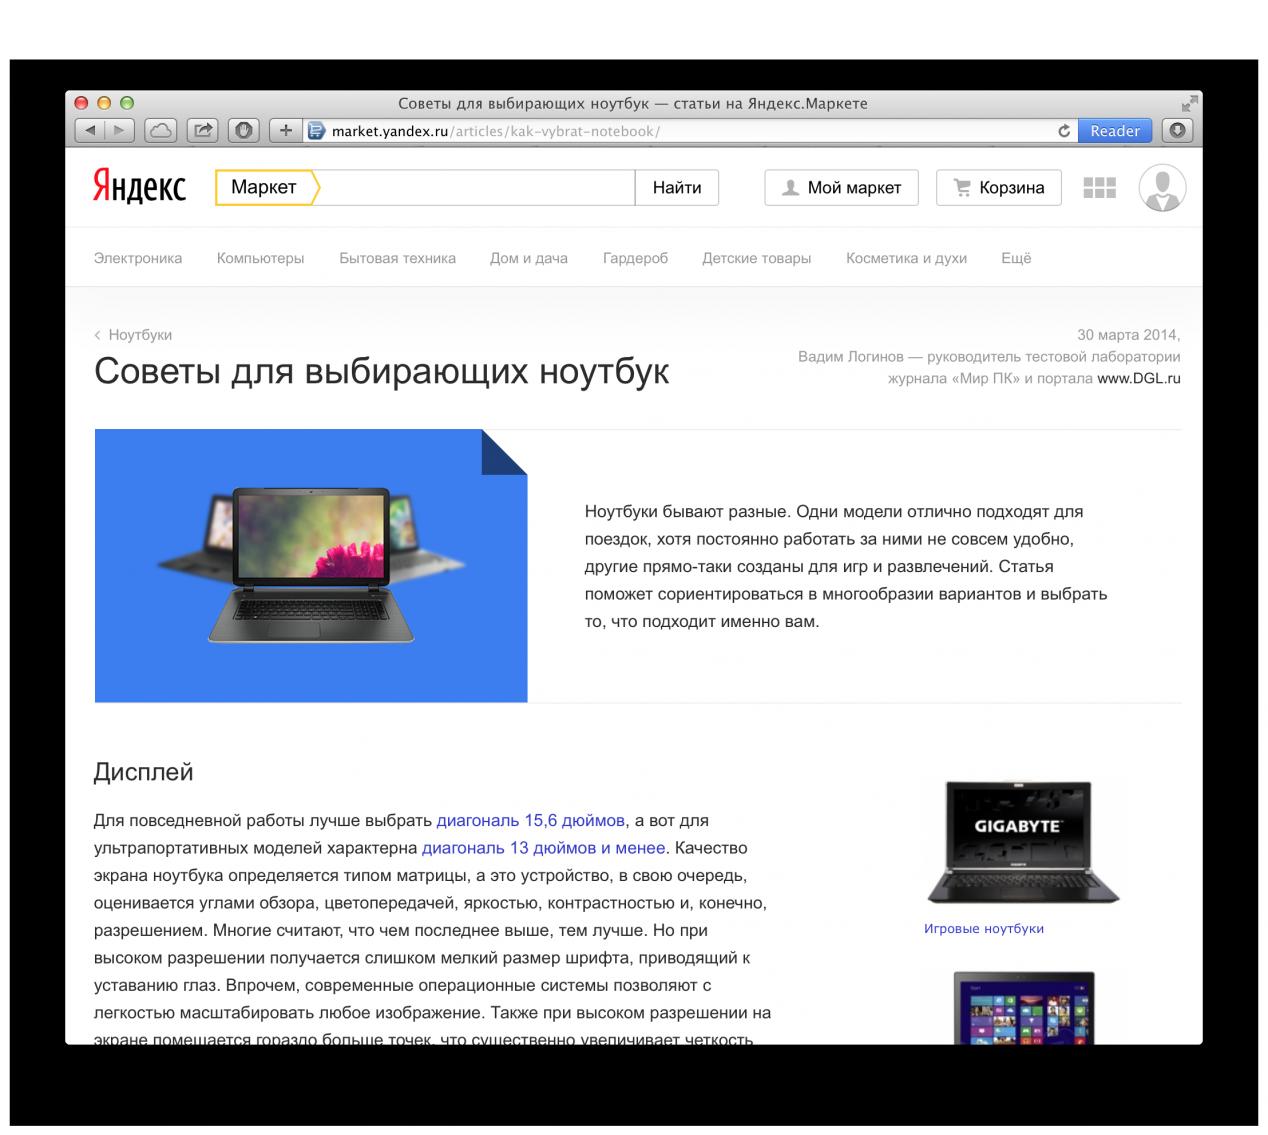 Яндекс.Маркет начал сотрудничать с отраслевыми СМИ о гаджетах - 1